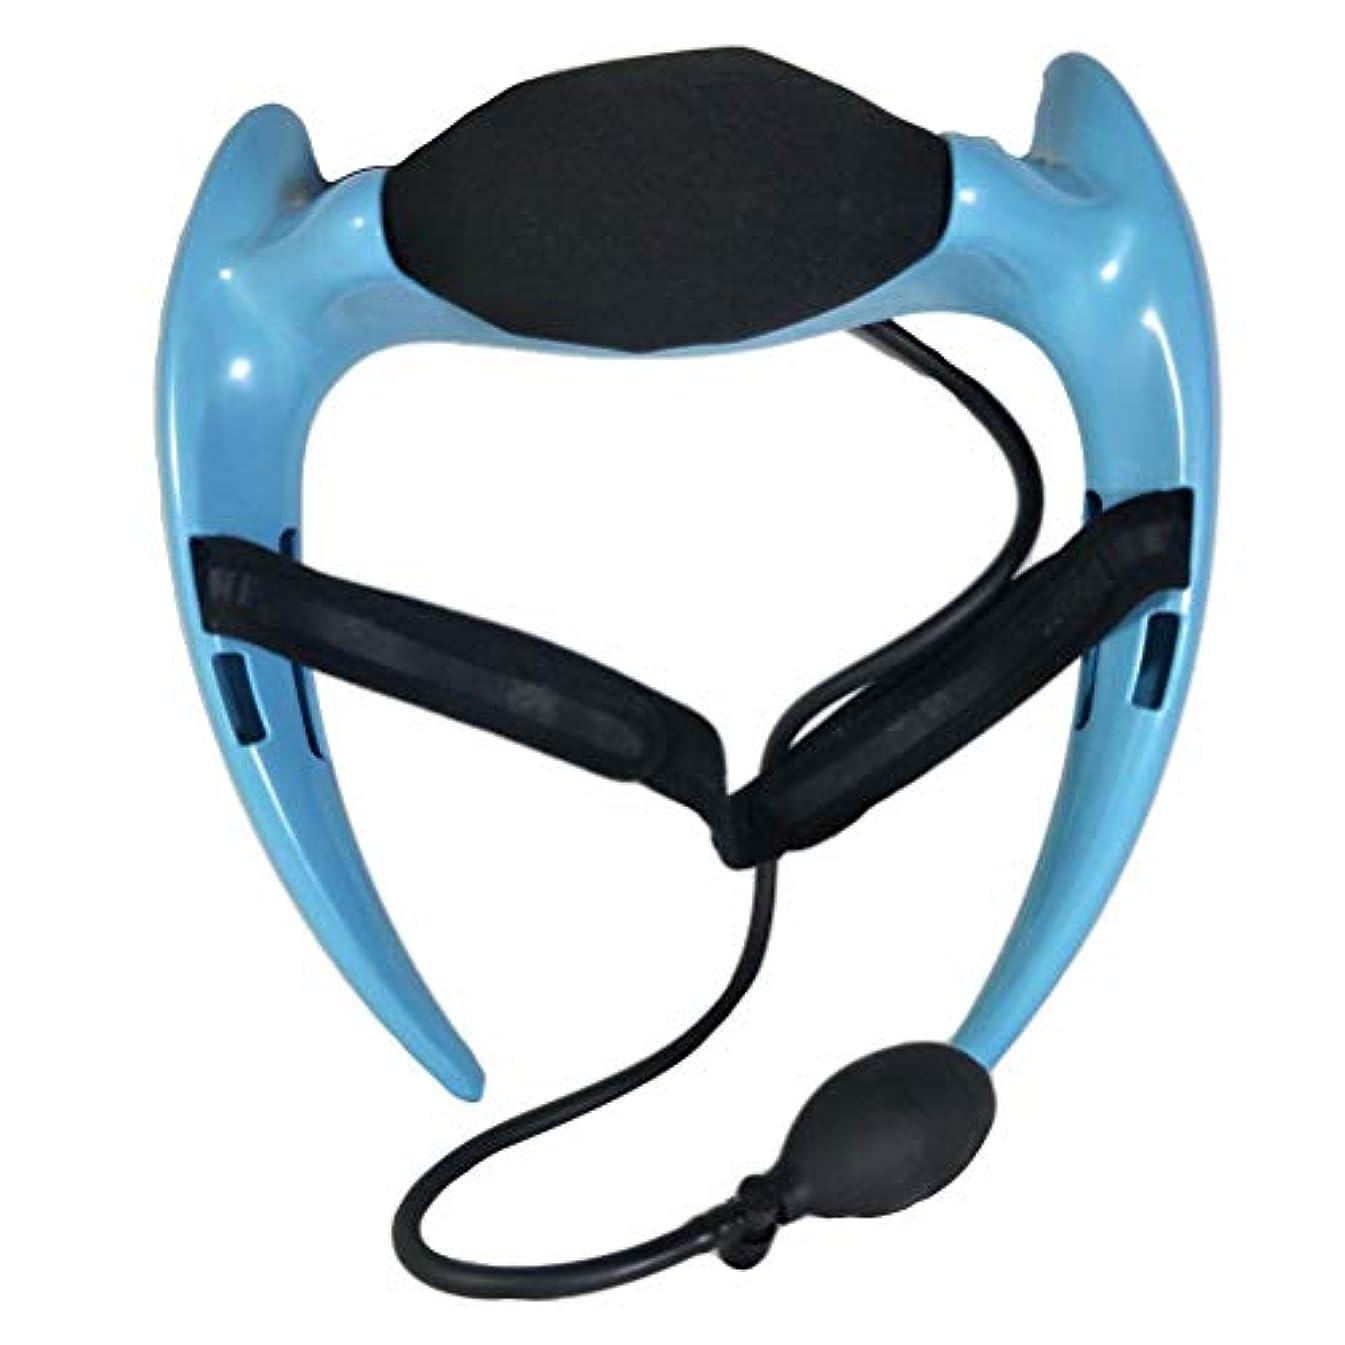 つづり拘束する優雅HEALLILY 傷害のための膨脹可能な首の牽引装置首サポート牽引